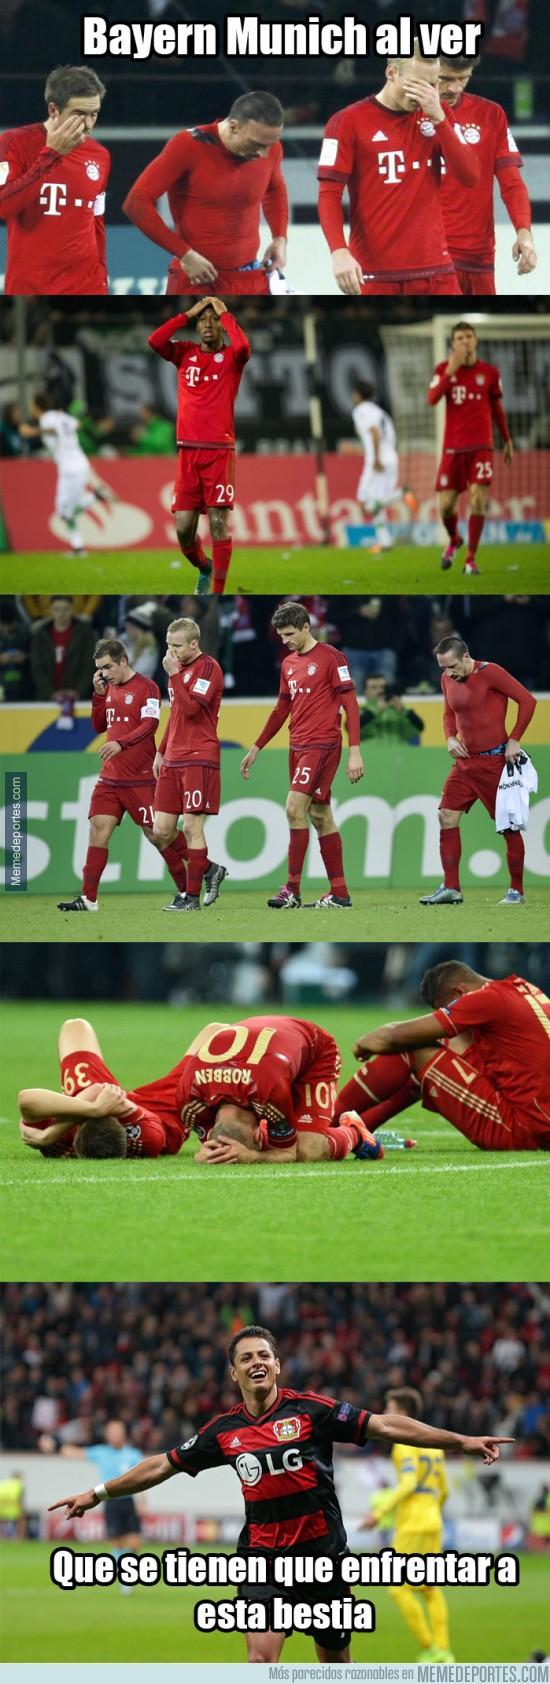 797646 - El gran duelo de la jornada en la Bundesliga